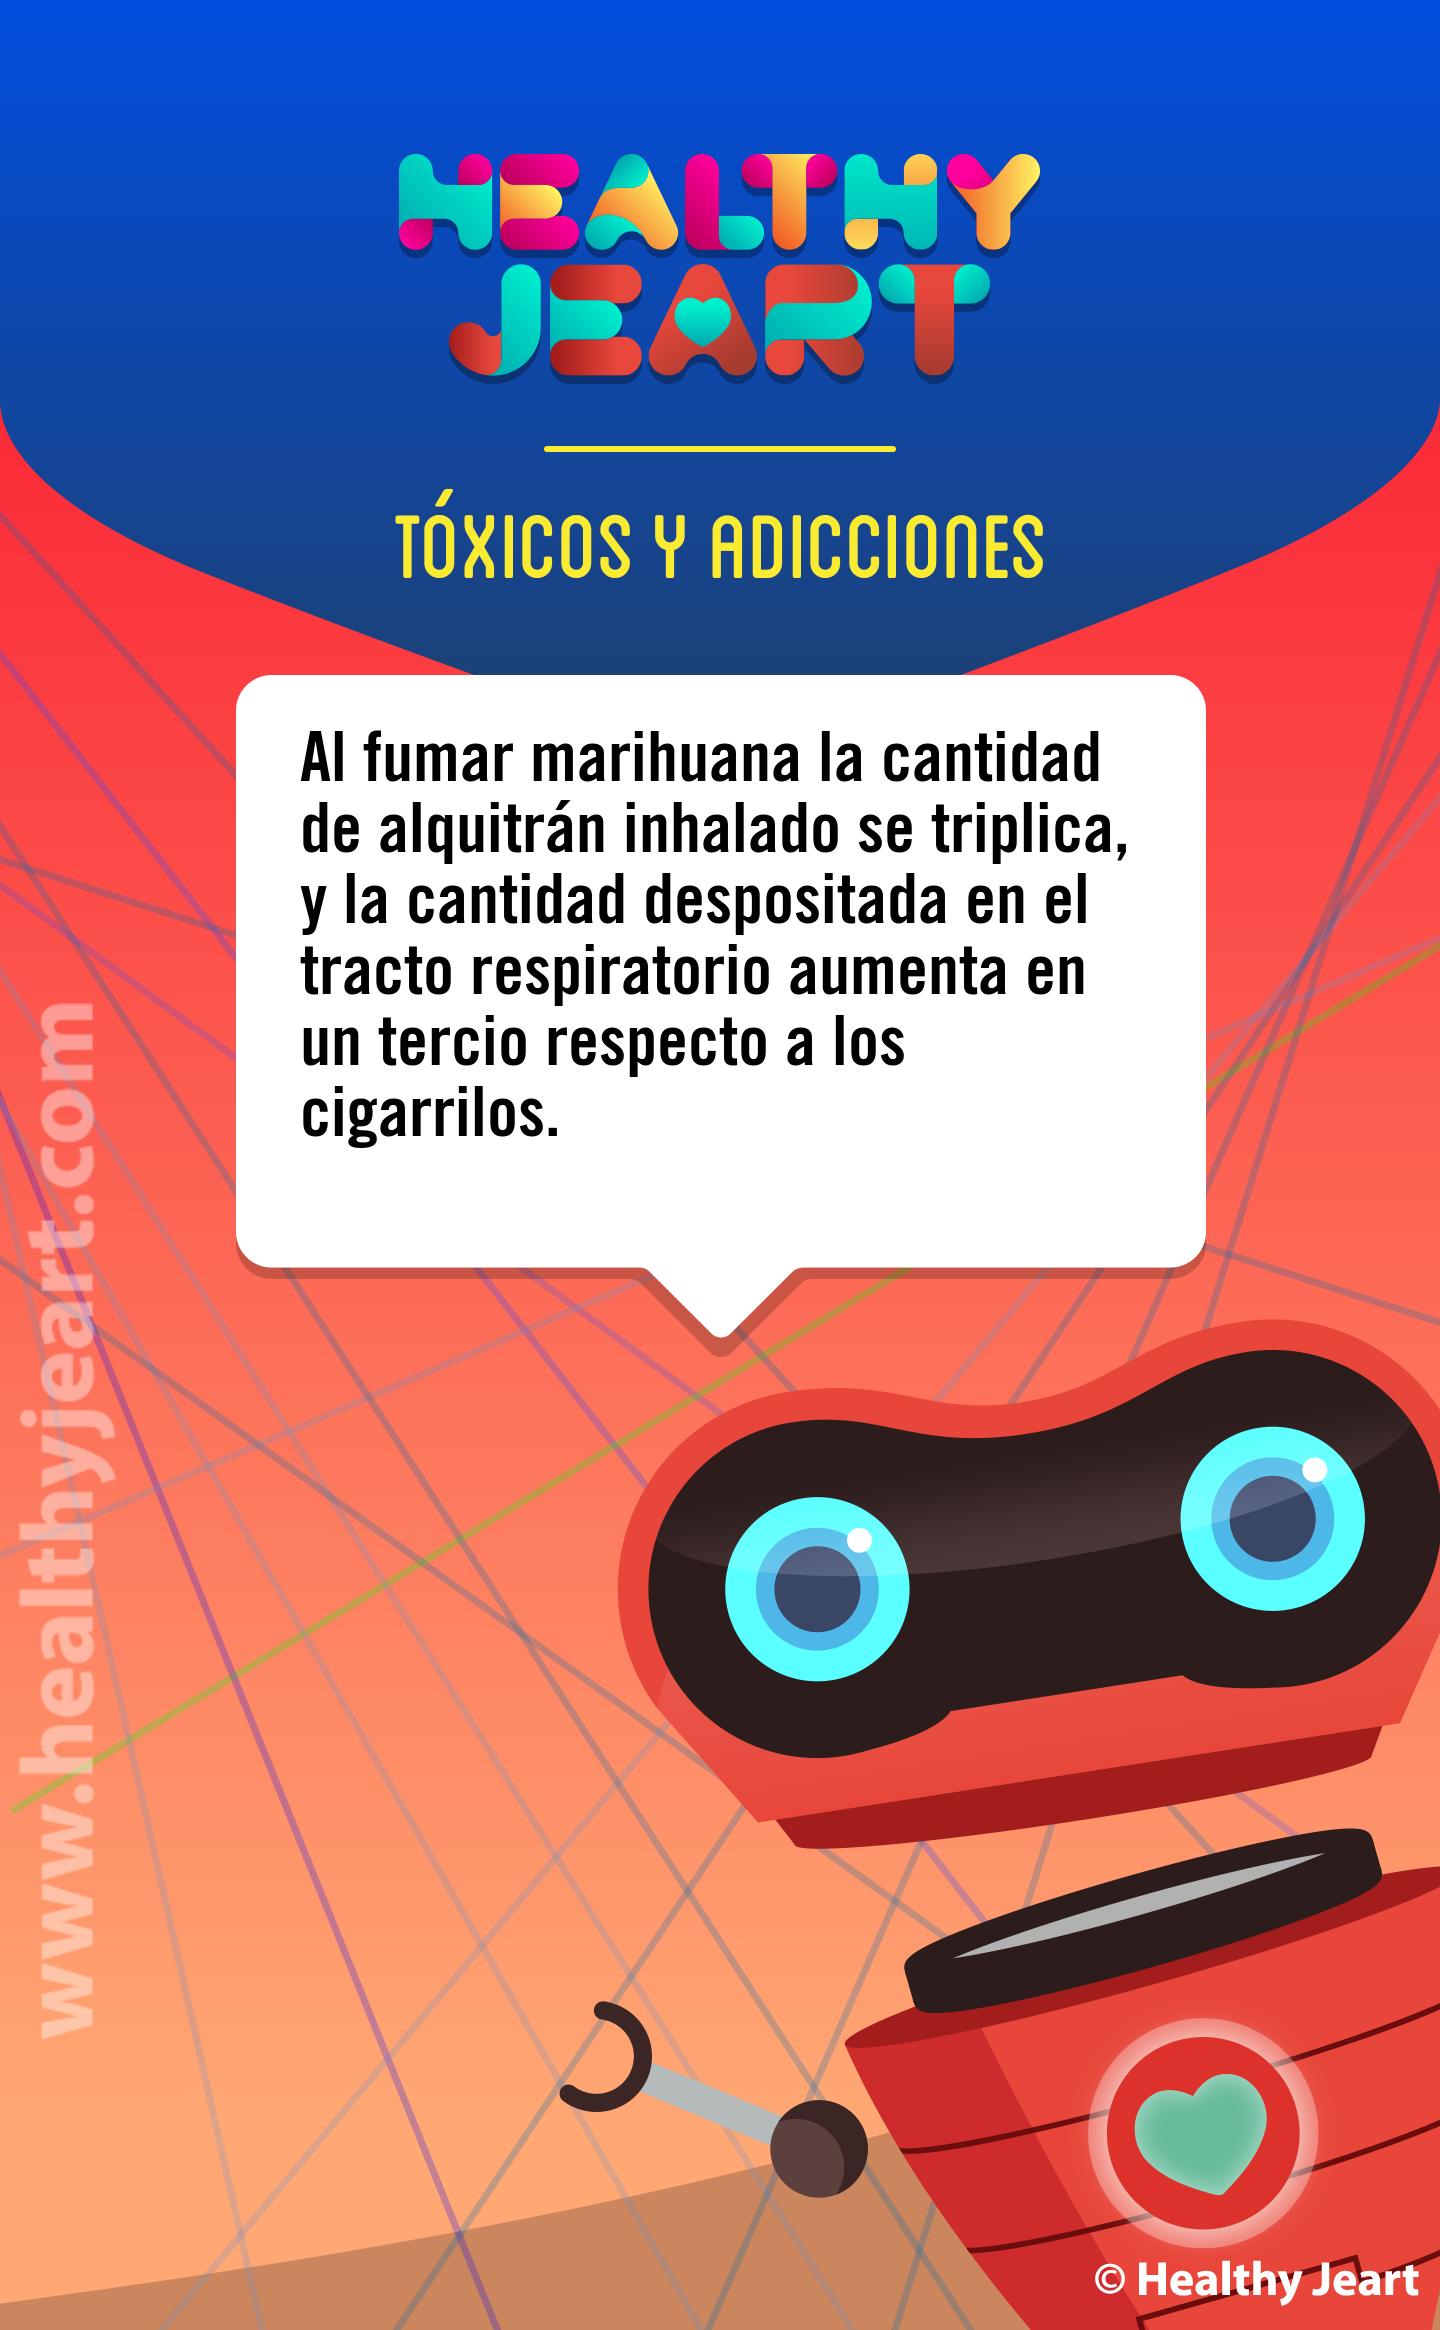 Al fumar marihuana la cantidad de alquitrán inhalado se triplica, y la cantidad depositada en el tracto respiratorio aumenta en un tercio respecto a los cigarrillos.